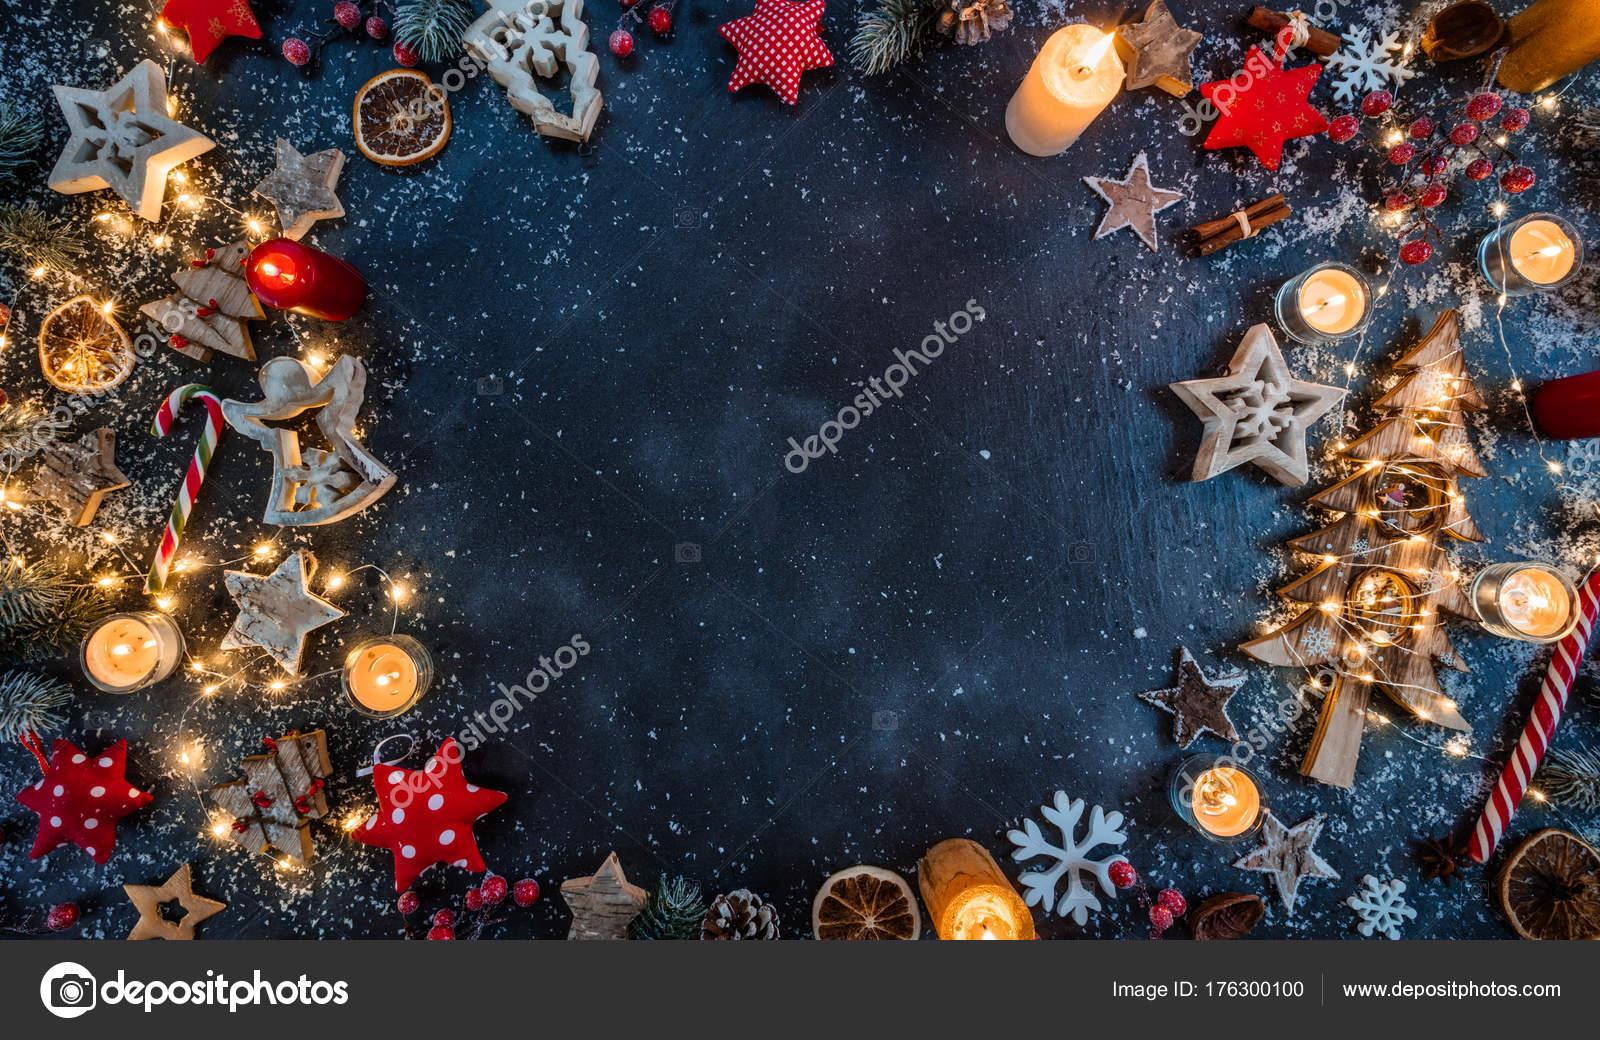 Kostenlose Bilder Von Weihnachten.Weihnachten Hintergrund Mit Holzdekorationen Und Kerzen Kostenlose